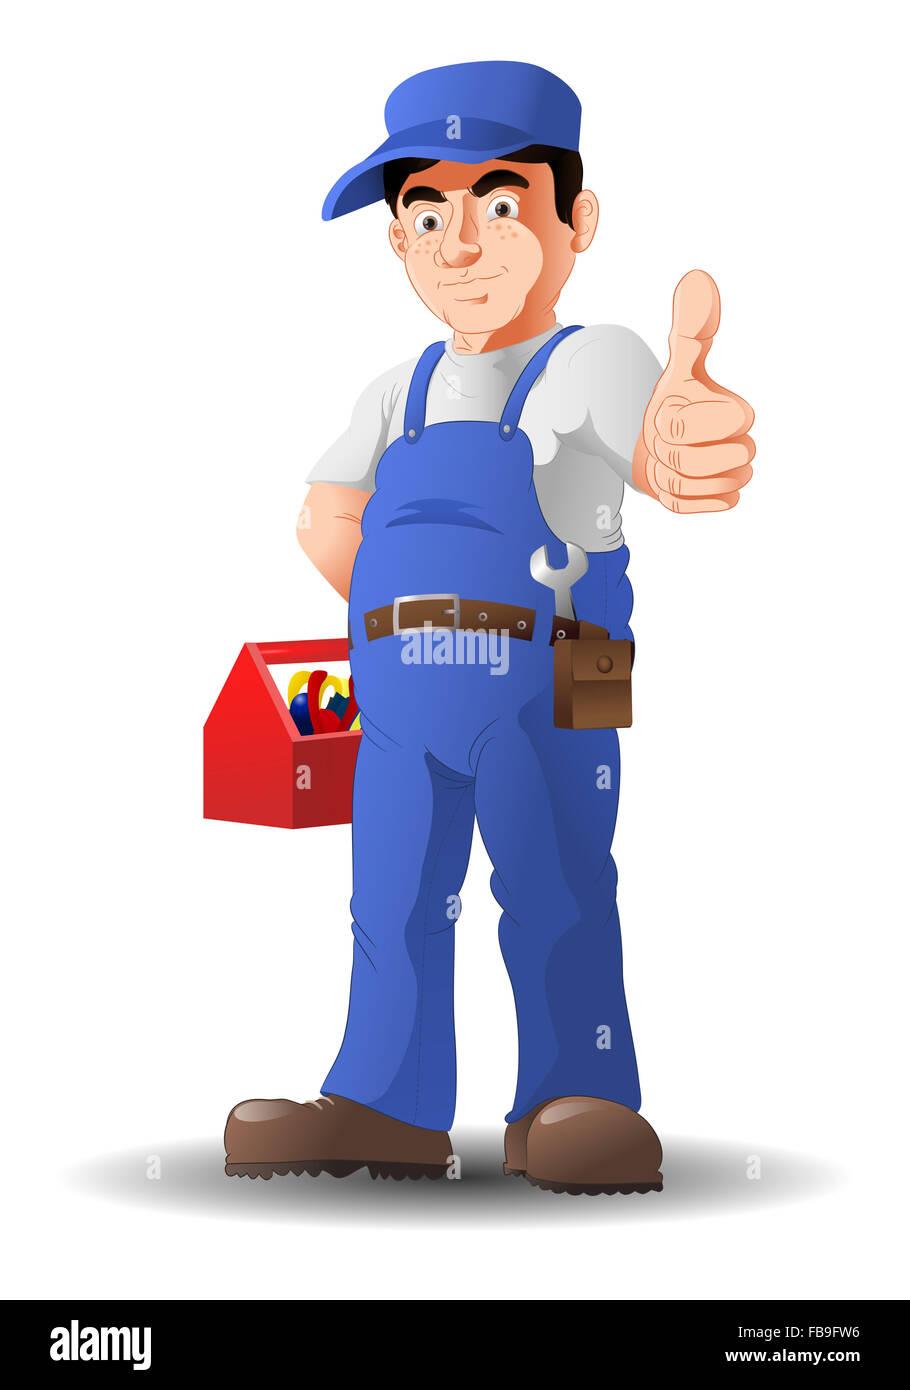 illustration of an optimistic mechanic thumb-up on isolated white background - Stock Image